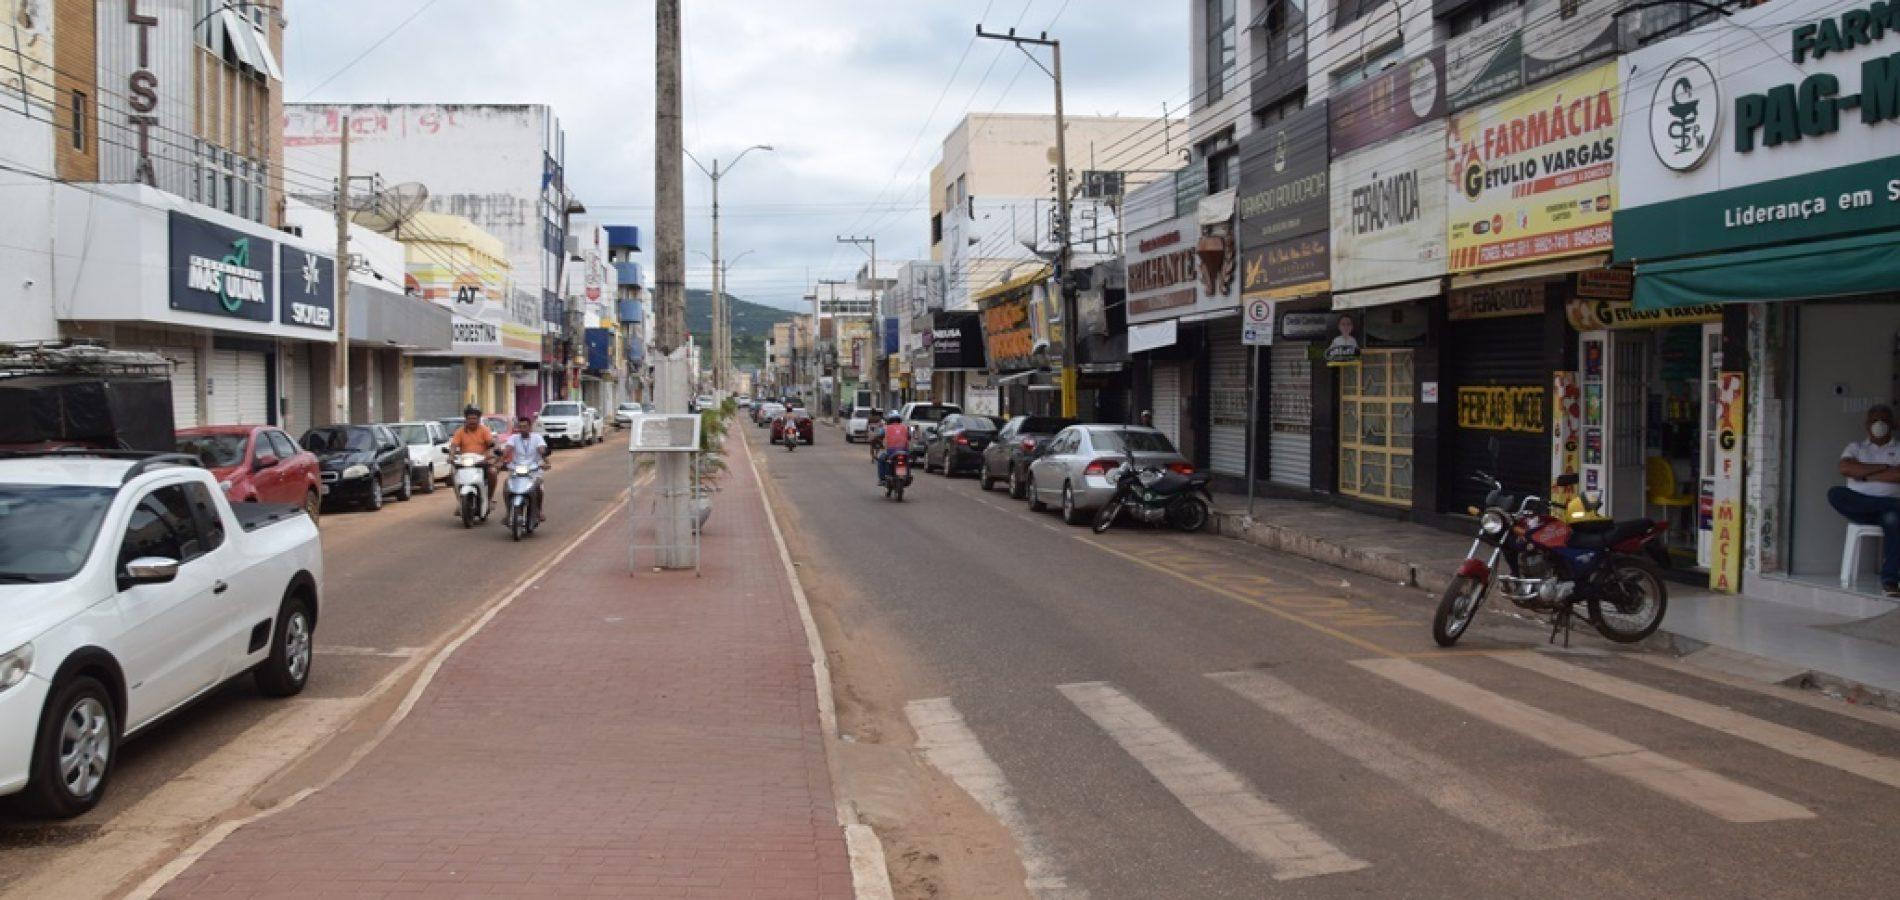 Picoenses atendem, em sua maioria, decreto de isolamento e deixam ruas vazias